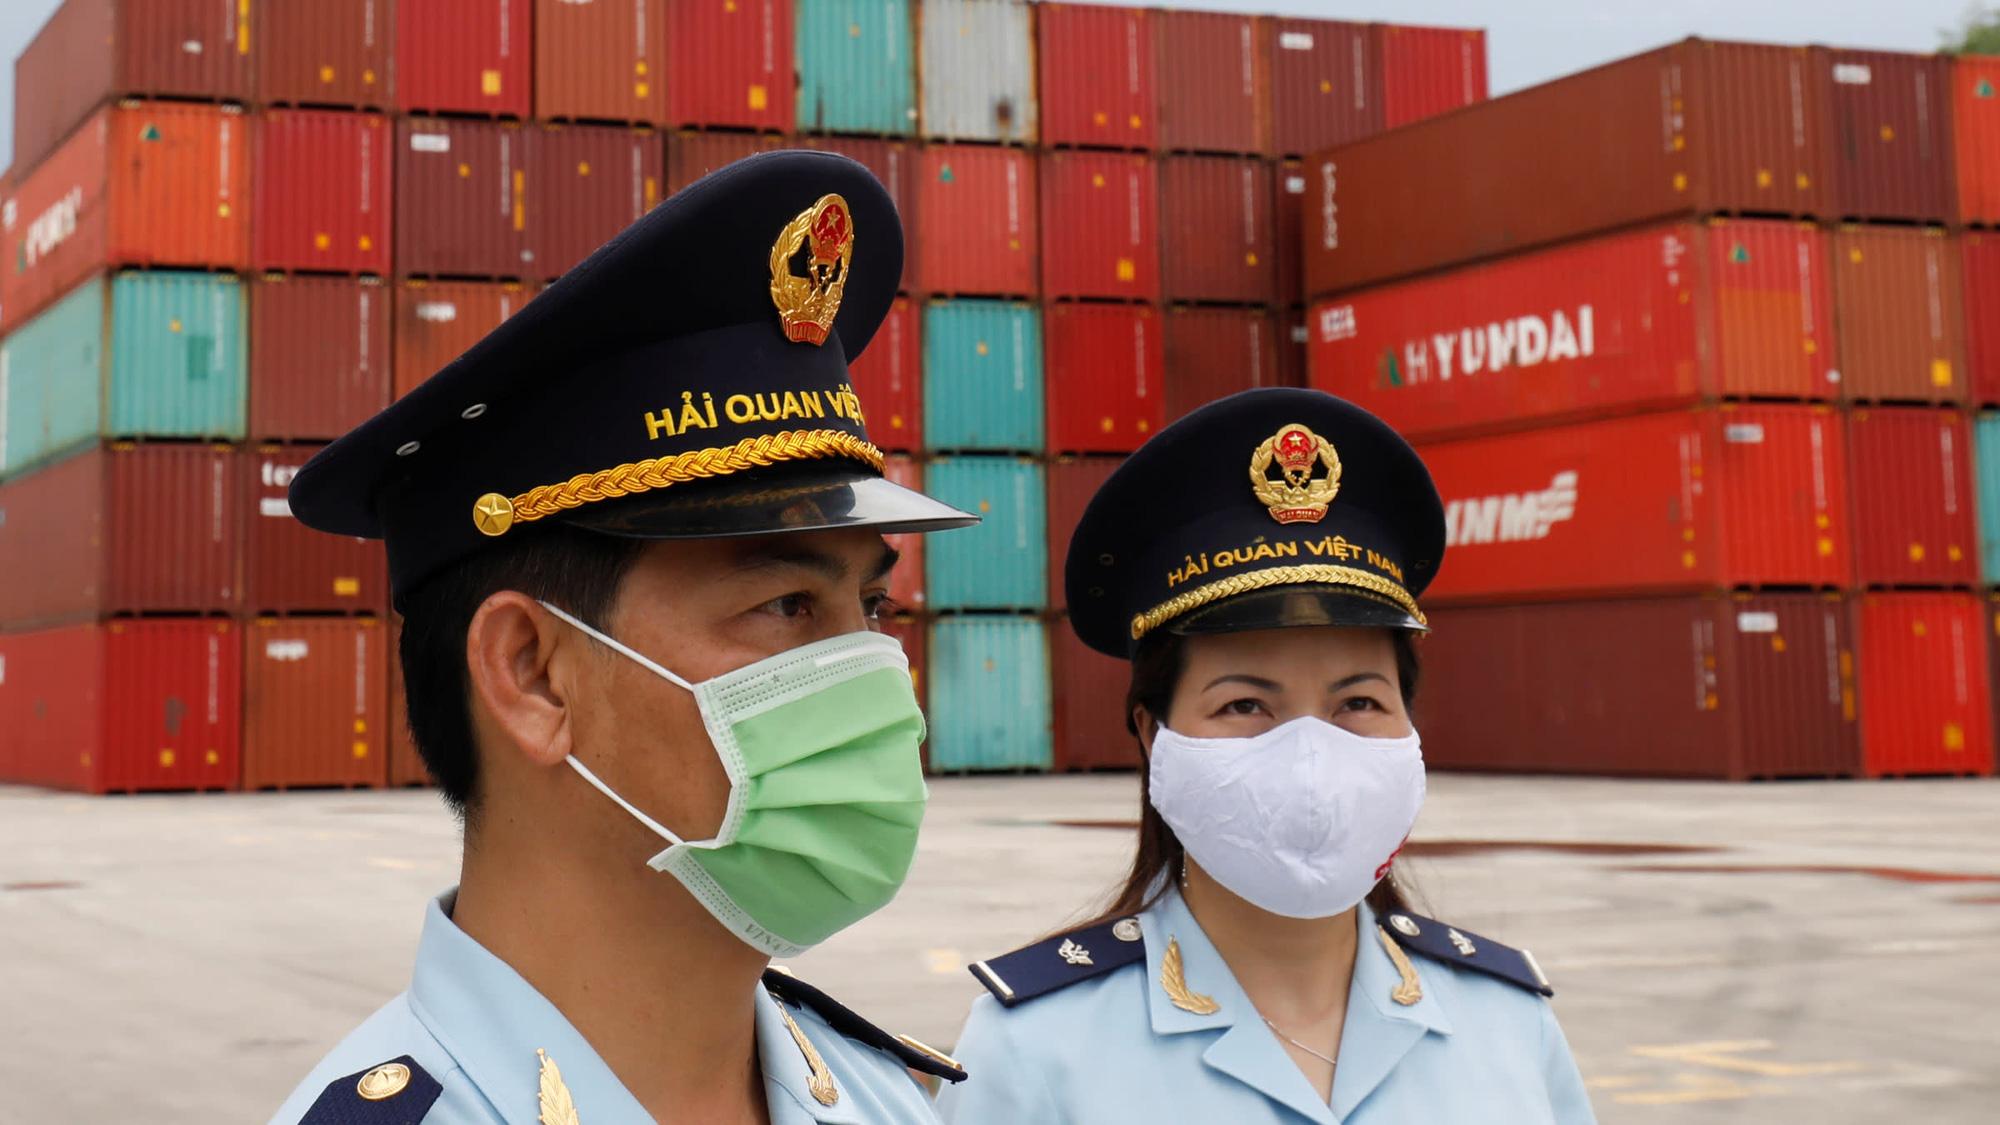 GDP Việt Nam quý I tăng 4,48%, tạp chí kinh tế - tài chính hàng đầu châu Á nói gì? - Ảnh 1.